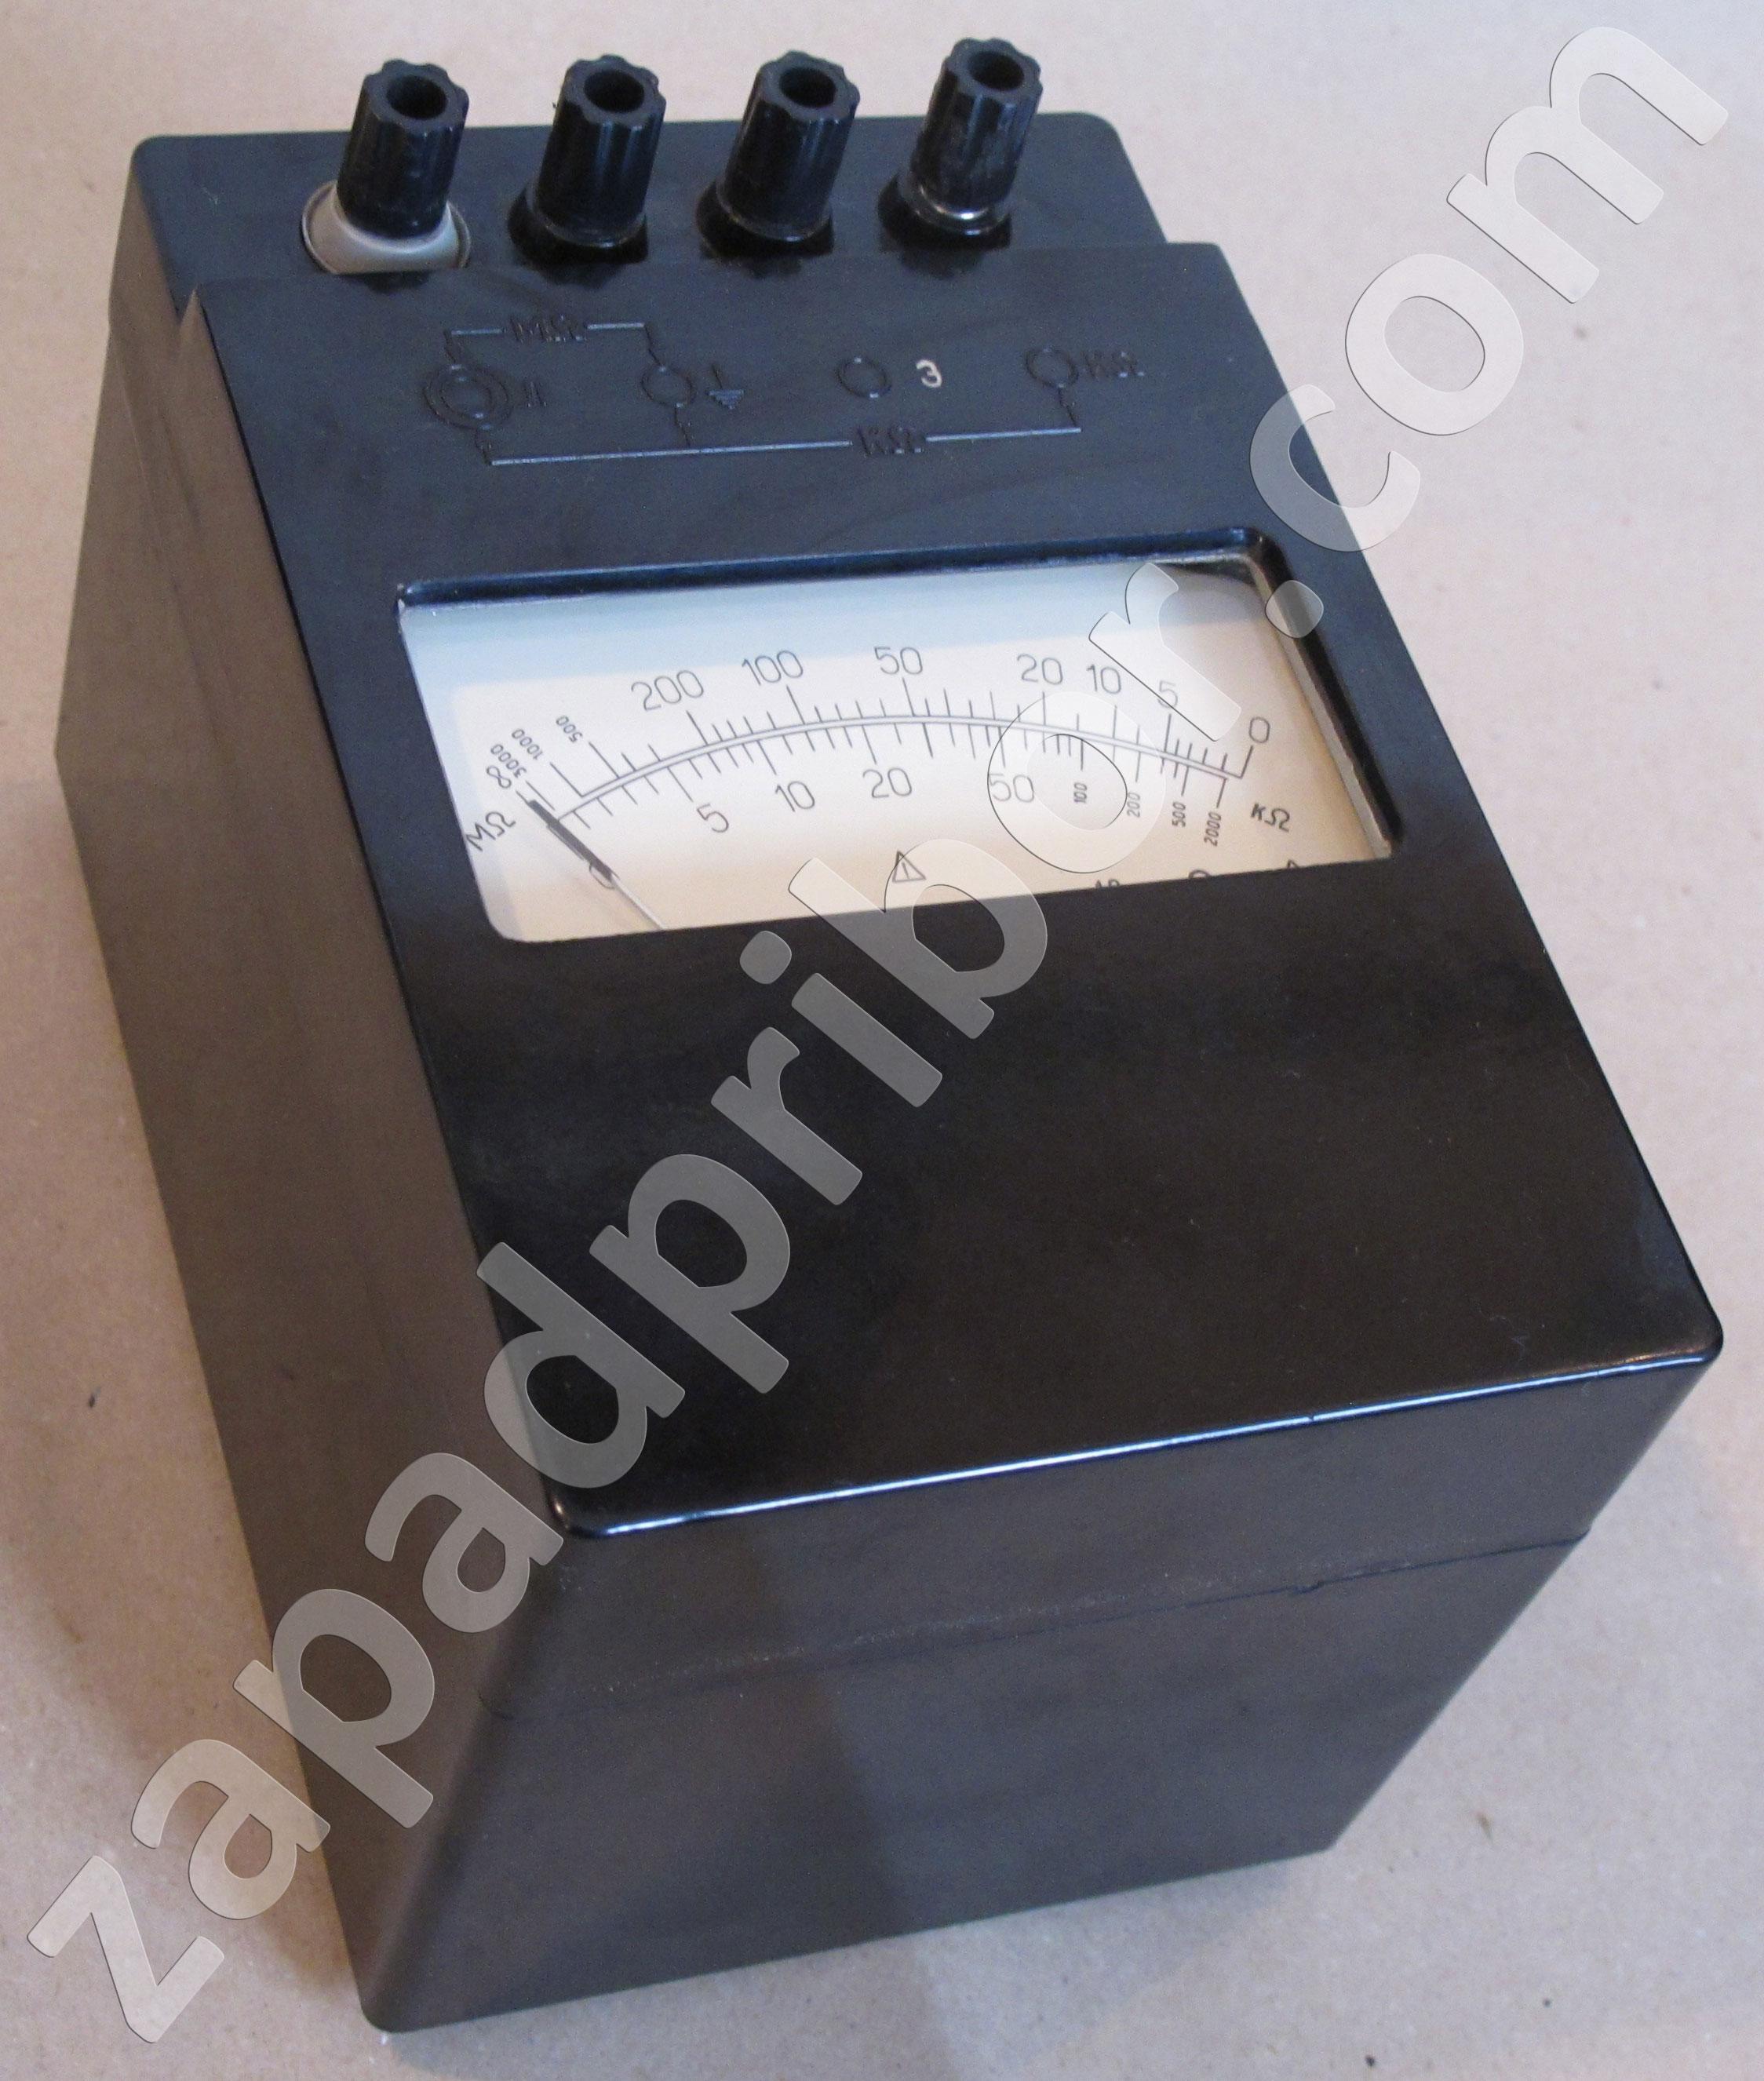 мегаомметр ф4102 2 1м инструкция по эксплуатации